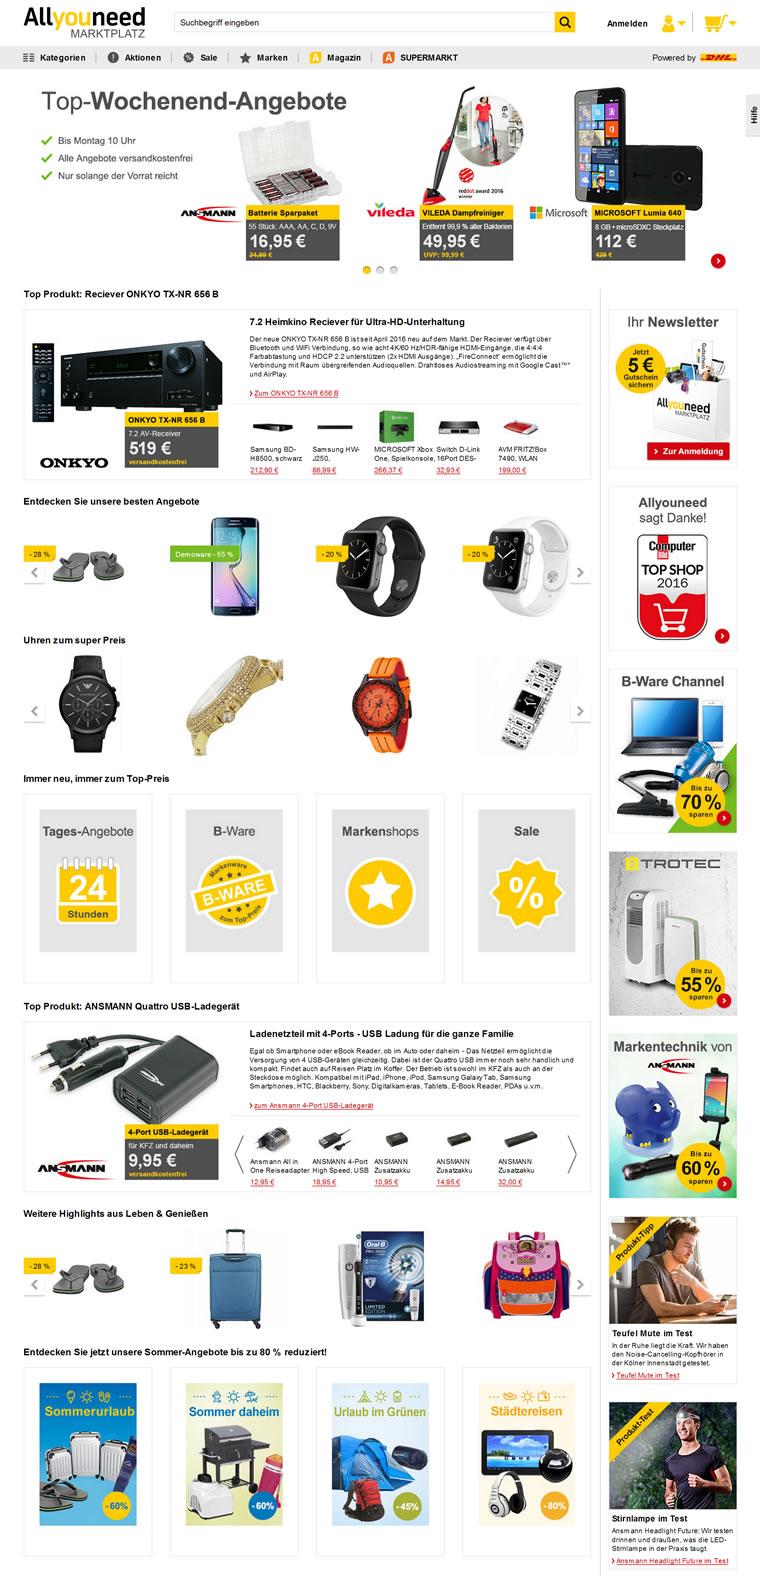 与德国邮政DHL合作的网上综合型超市:Allyouneed